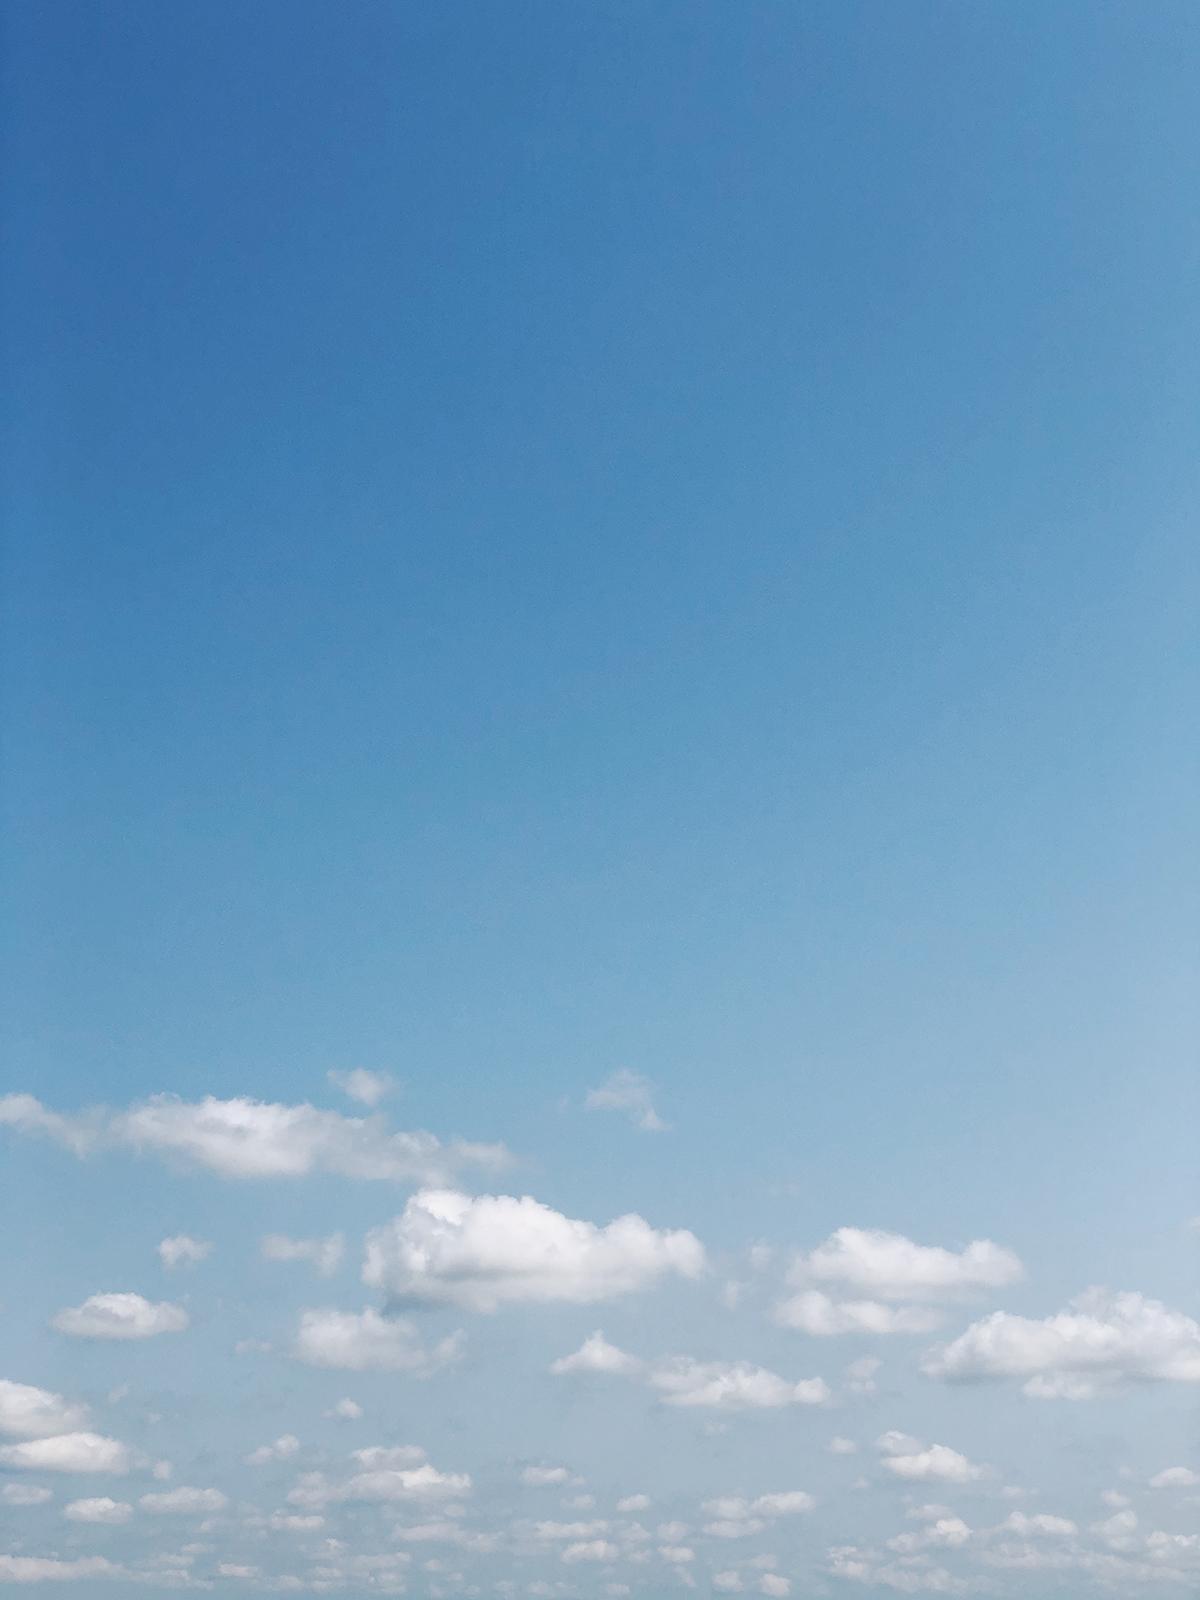 ohranimo-naravo-čisto-in-neokrnjeno-lili-in-roza-blog-skrb-za-okolje-nebo.JPG